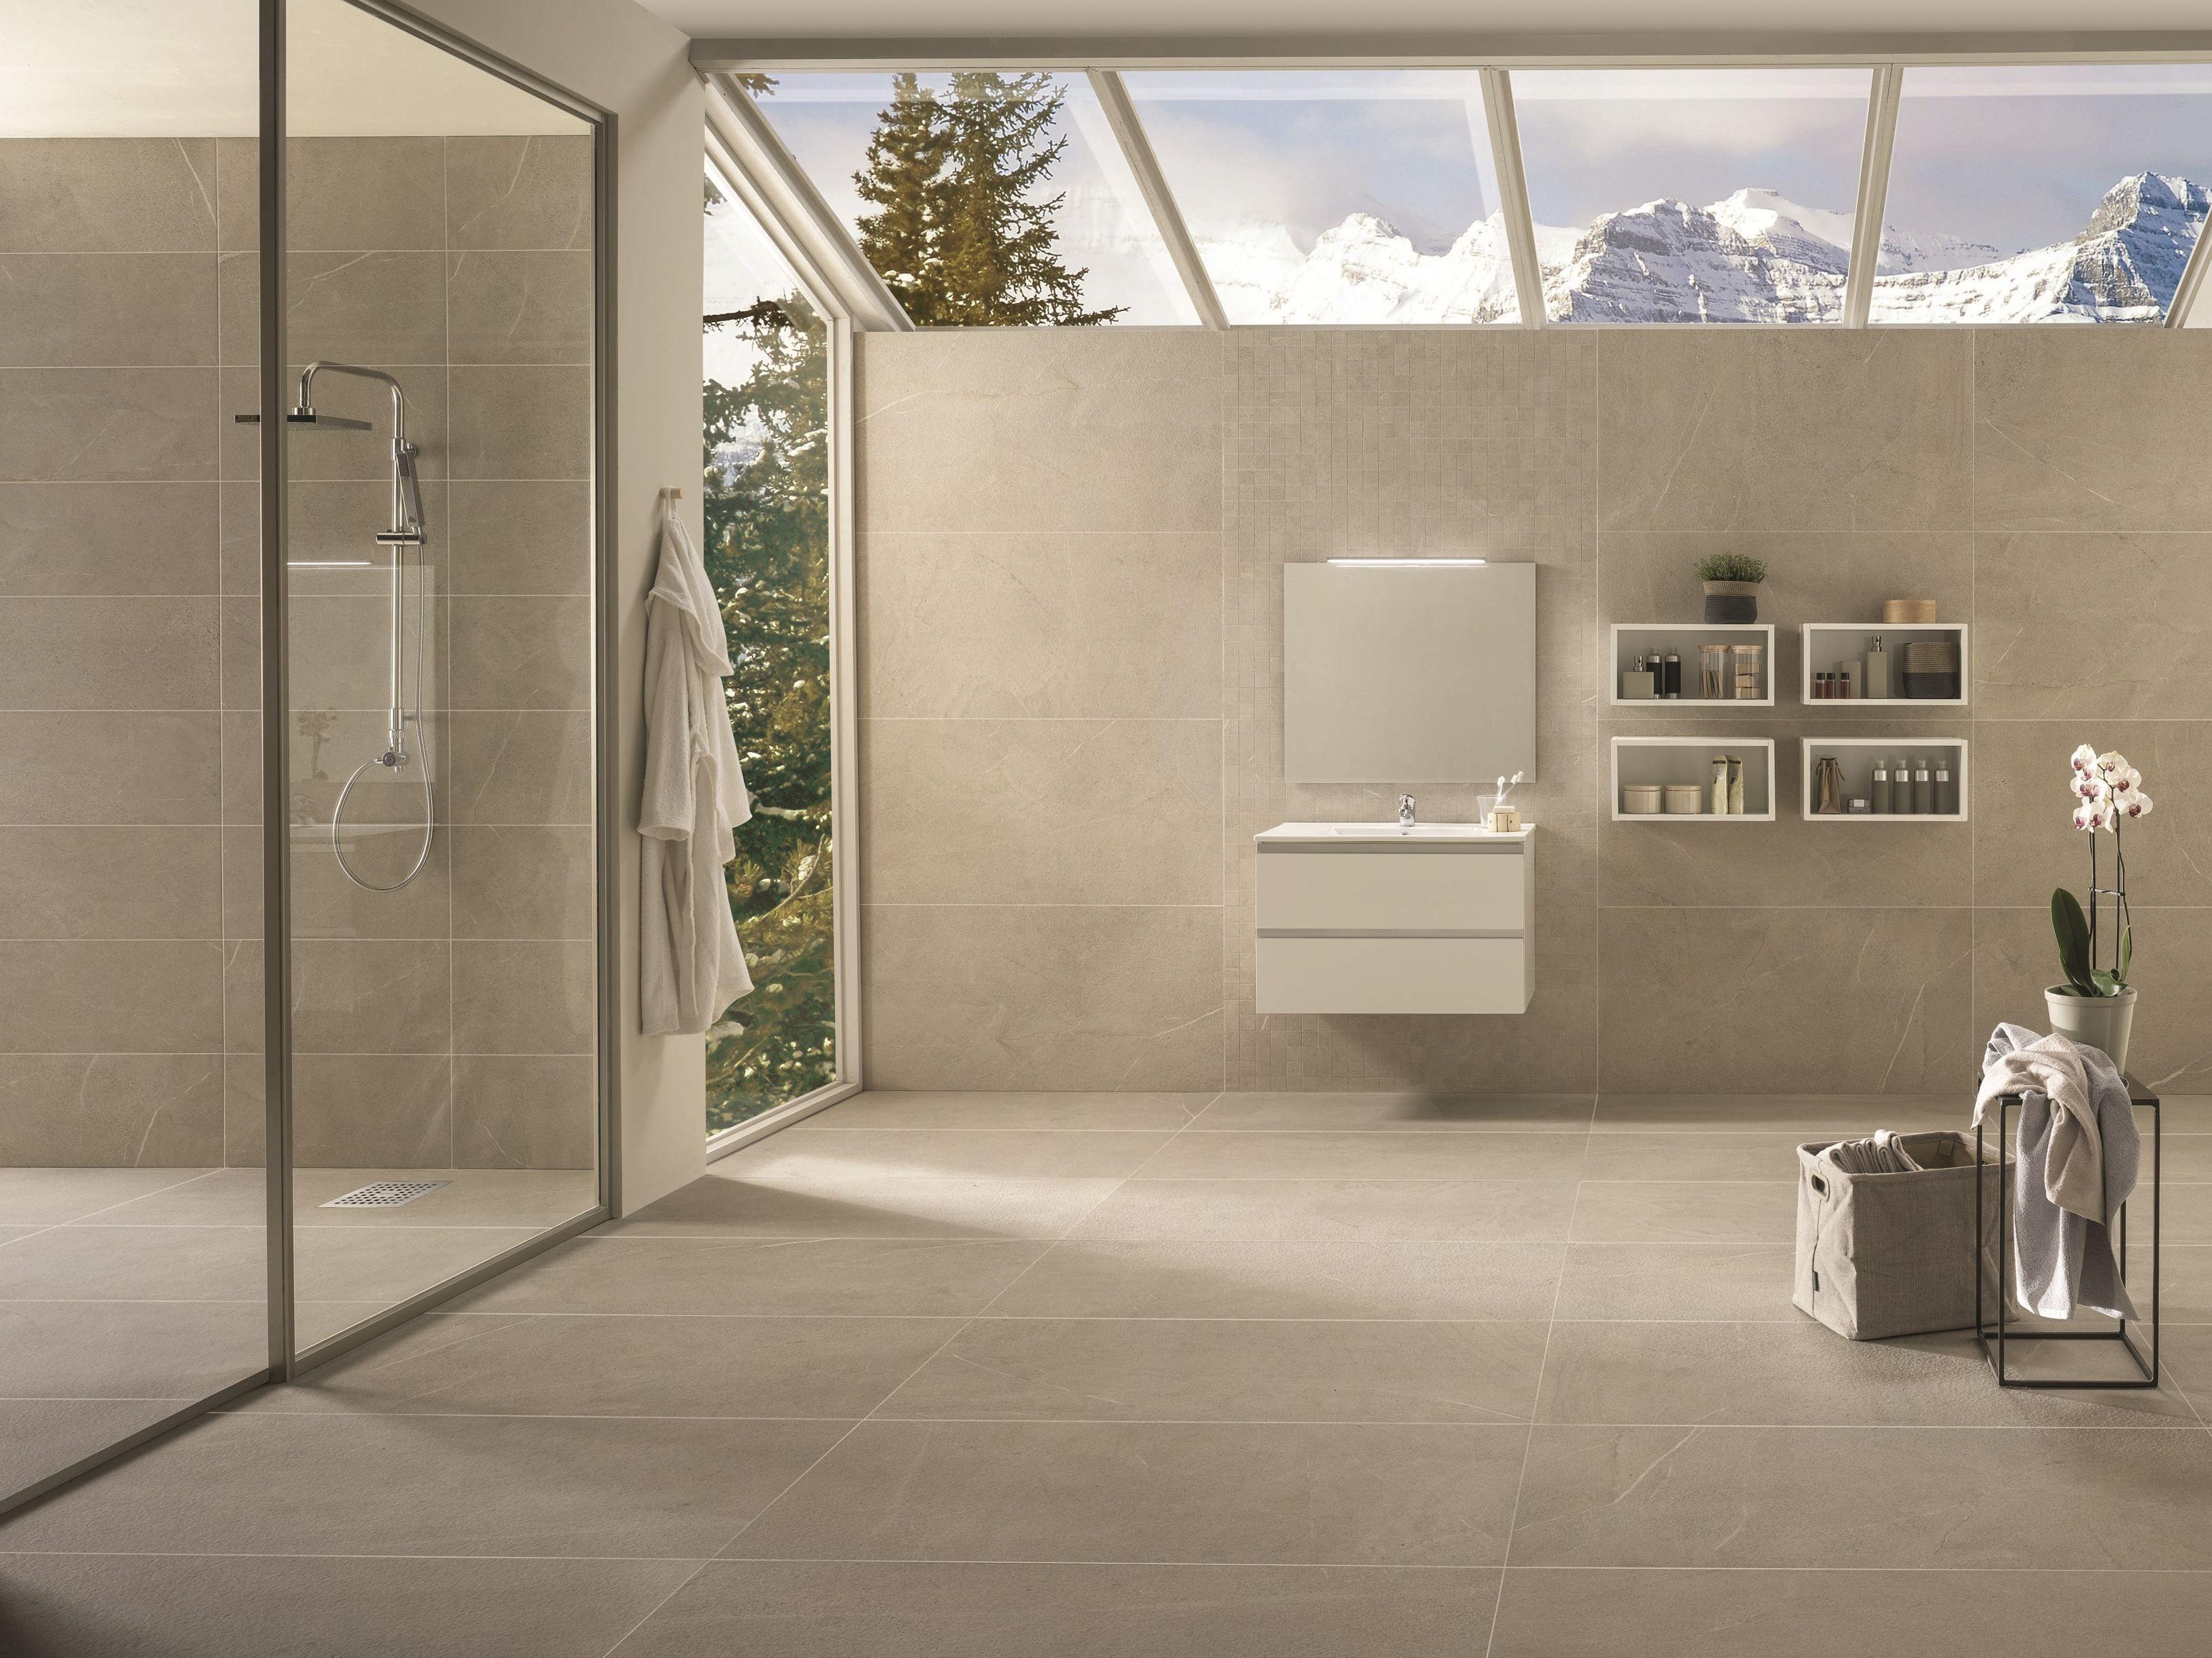 Pavimento rivestimento in gres porcellanato dolomiti for Piastrelle bagno 60x120